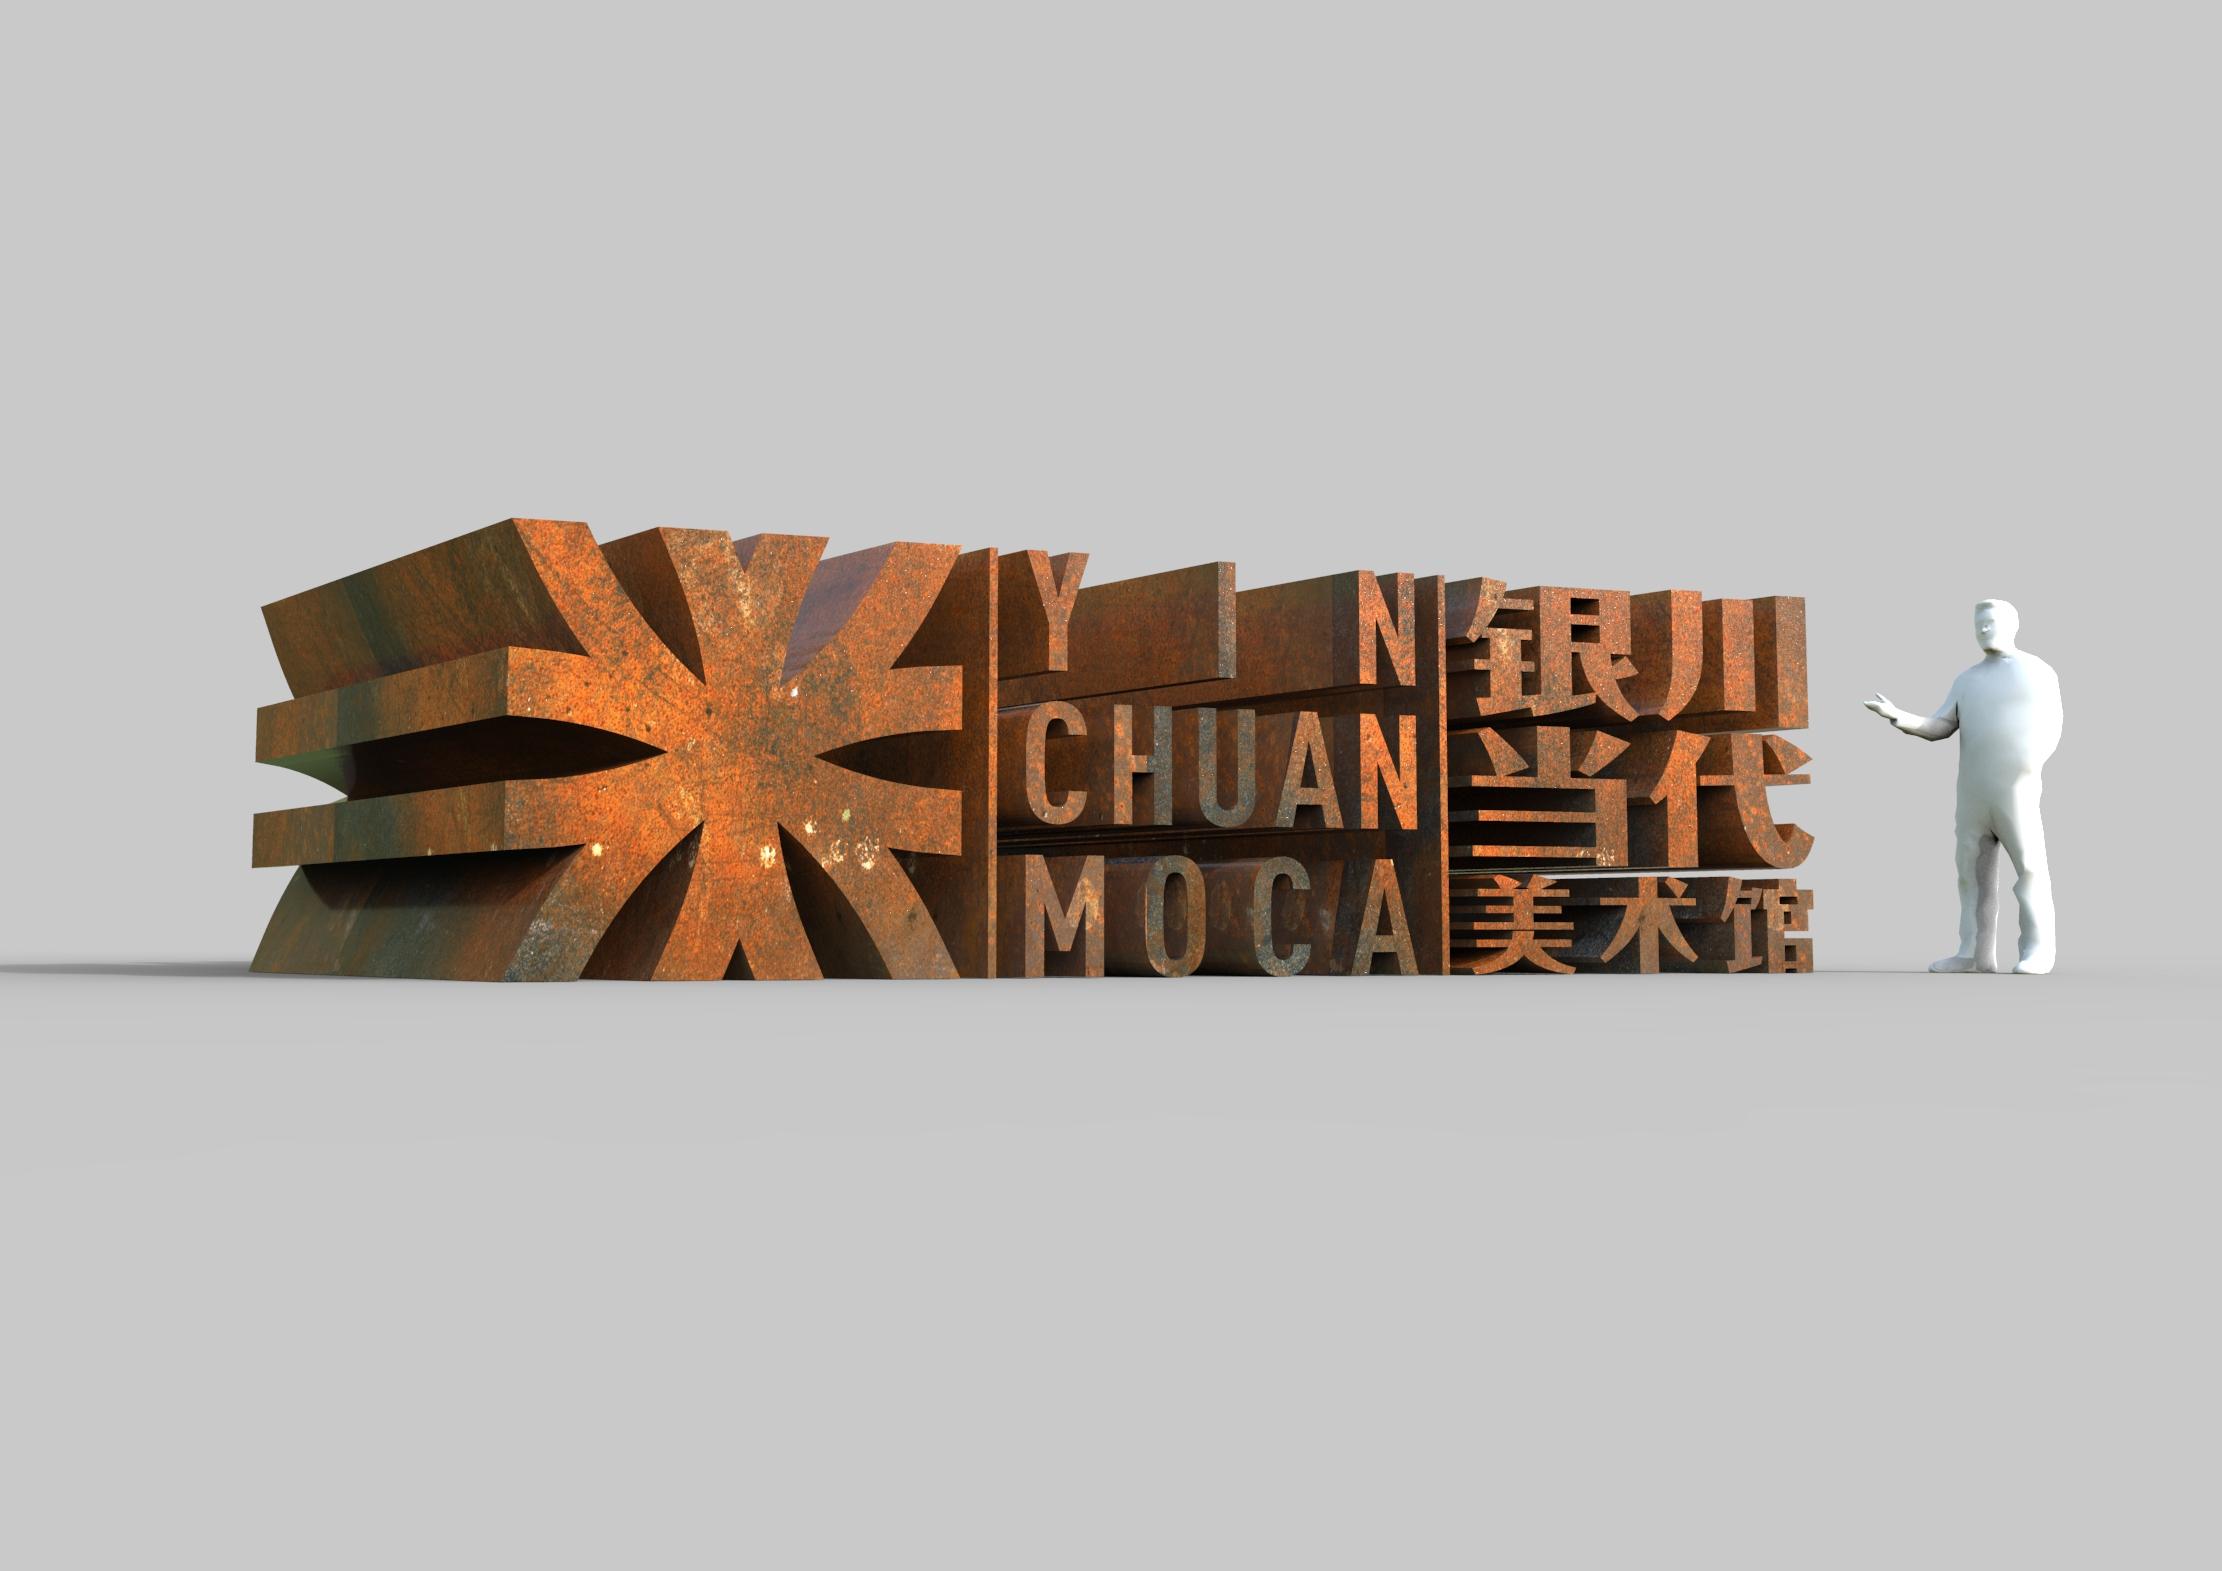 华夏河图 银川当代美术馆 标识系统设计图片